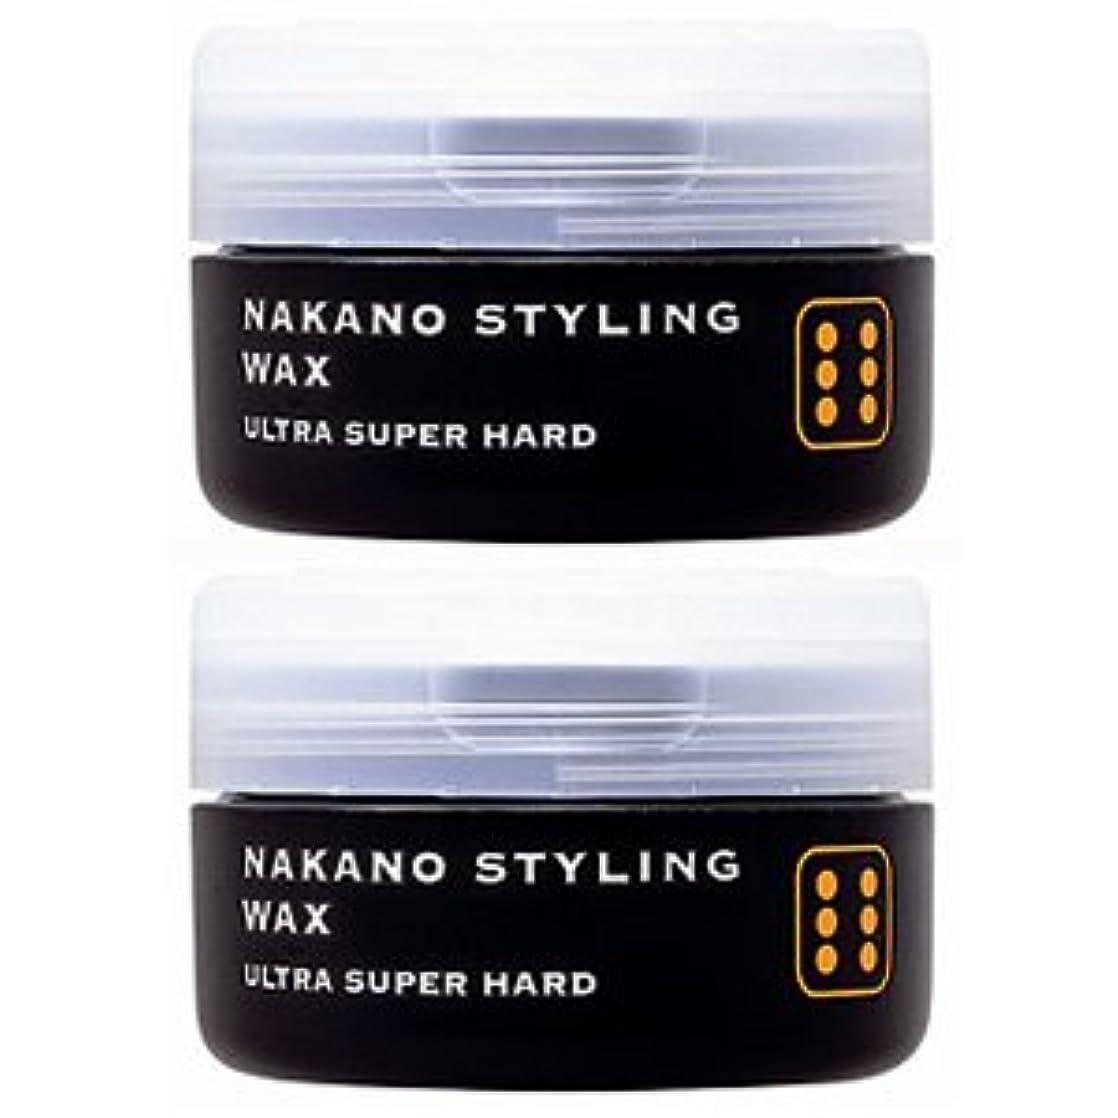 弱まるシダ上院議員ナカノ スタイリングワックス 6 ウルトラスーパーハード 90g 『2個セット』